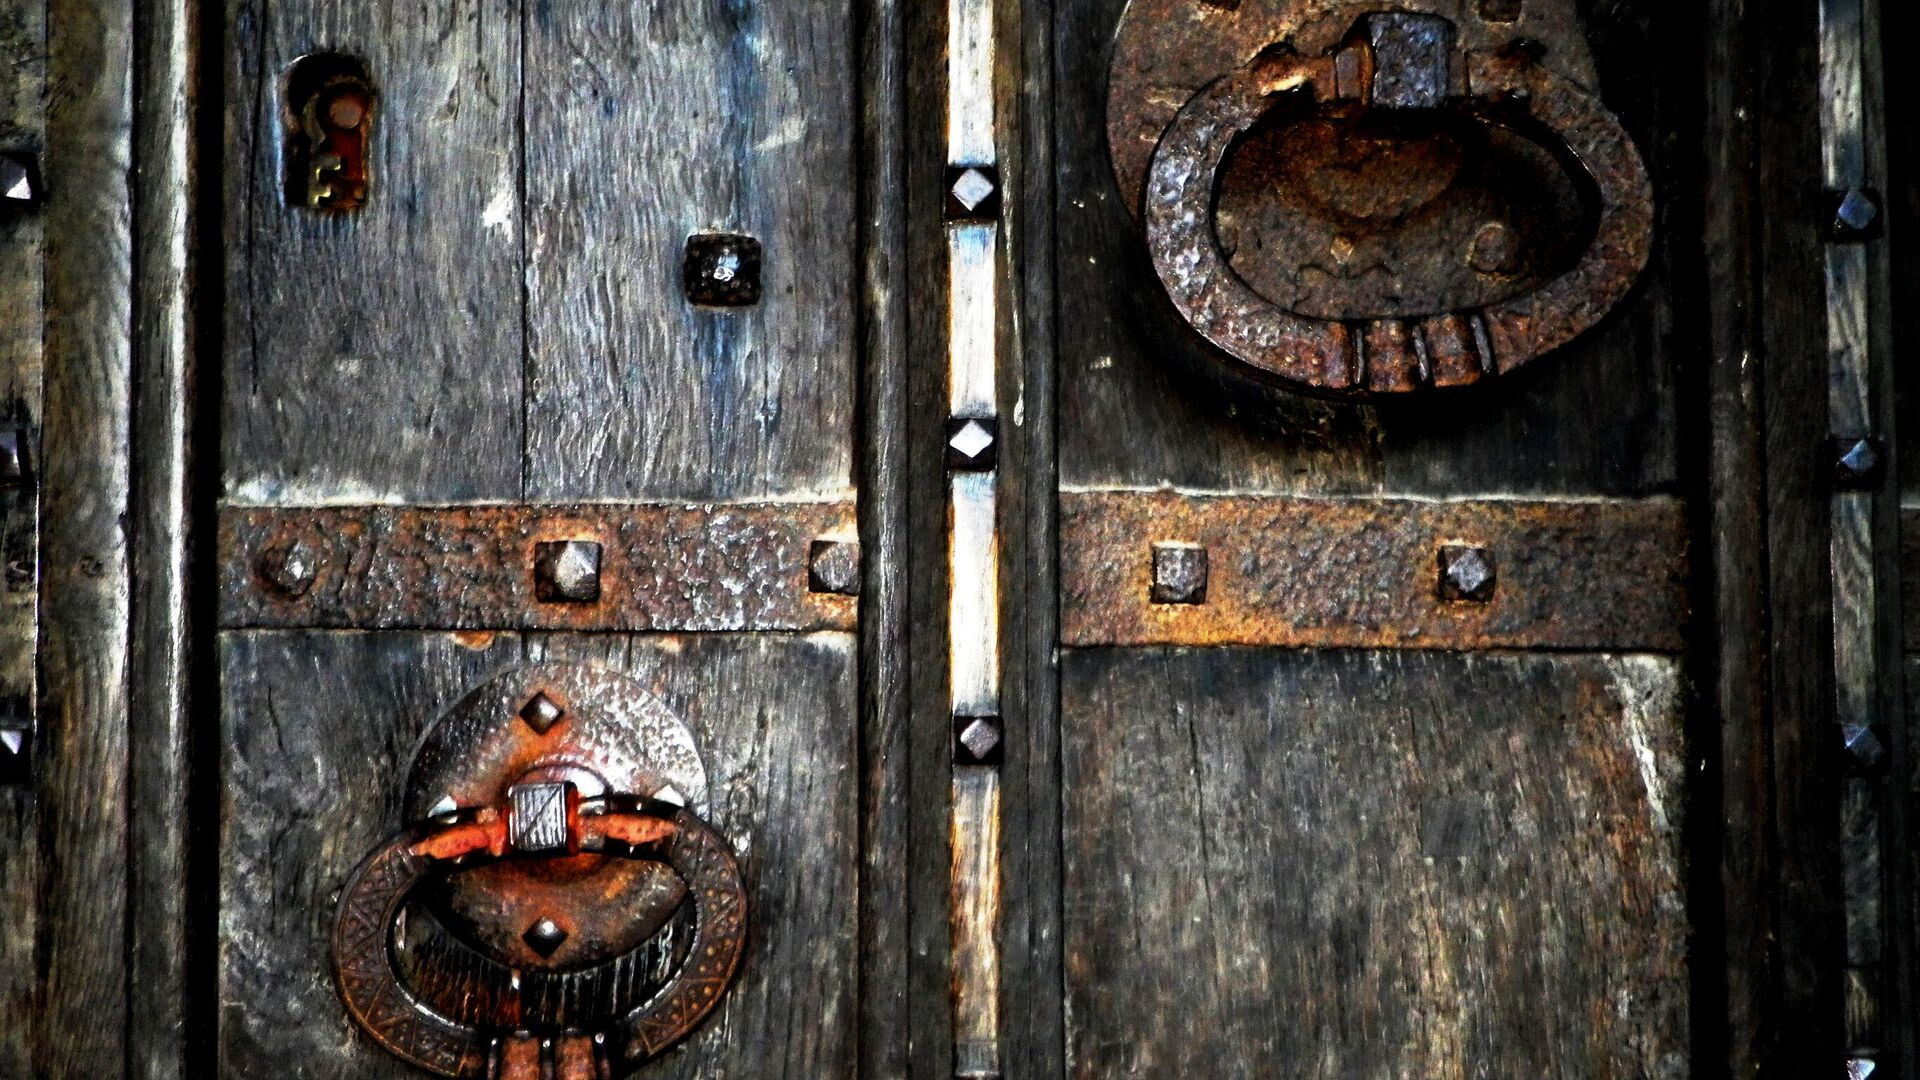 Старинная дверь - РИА Новости, 1920, 28.09.2020